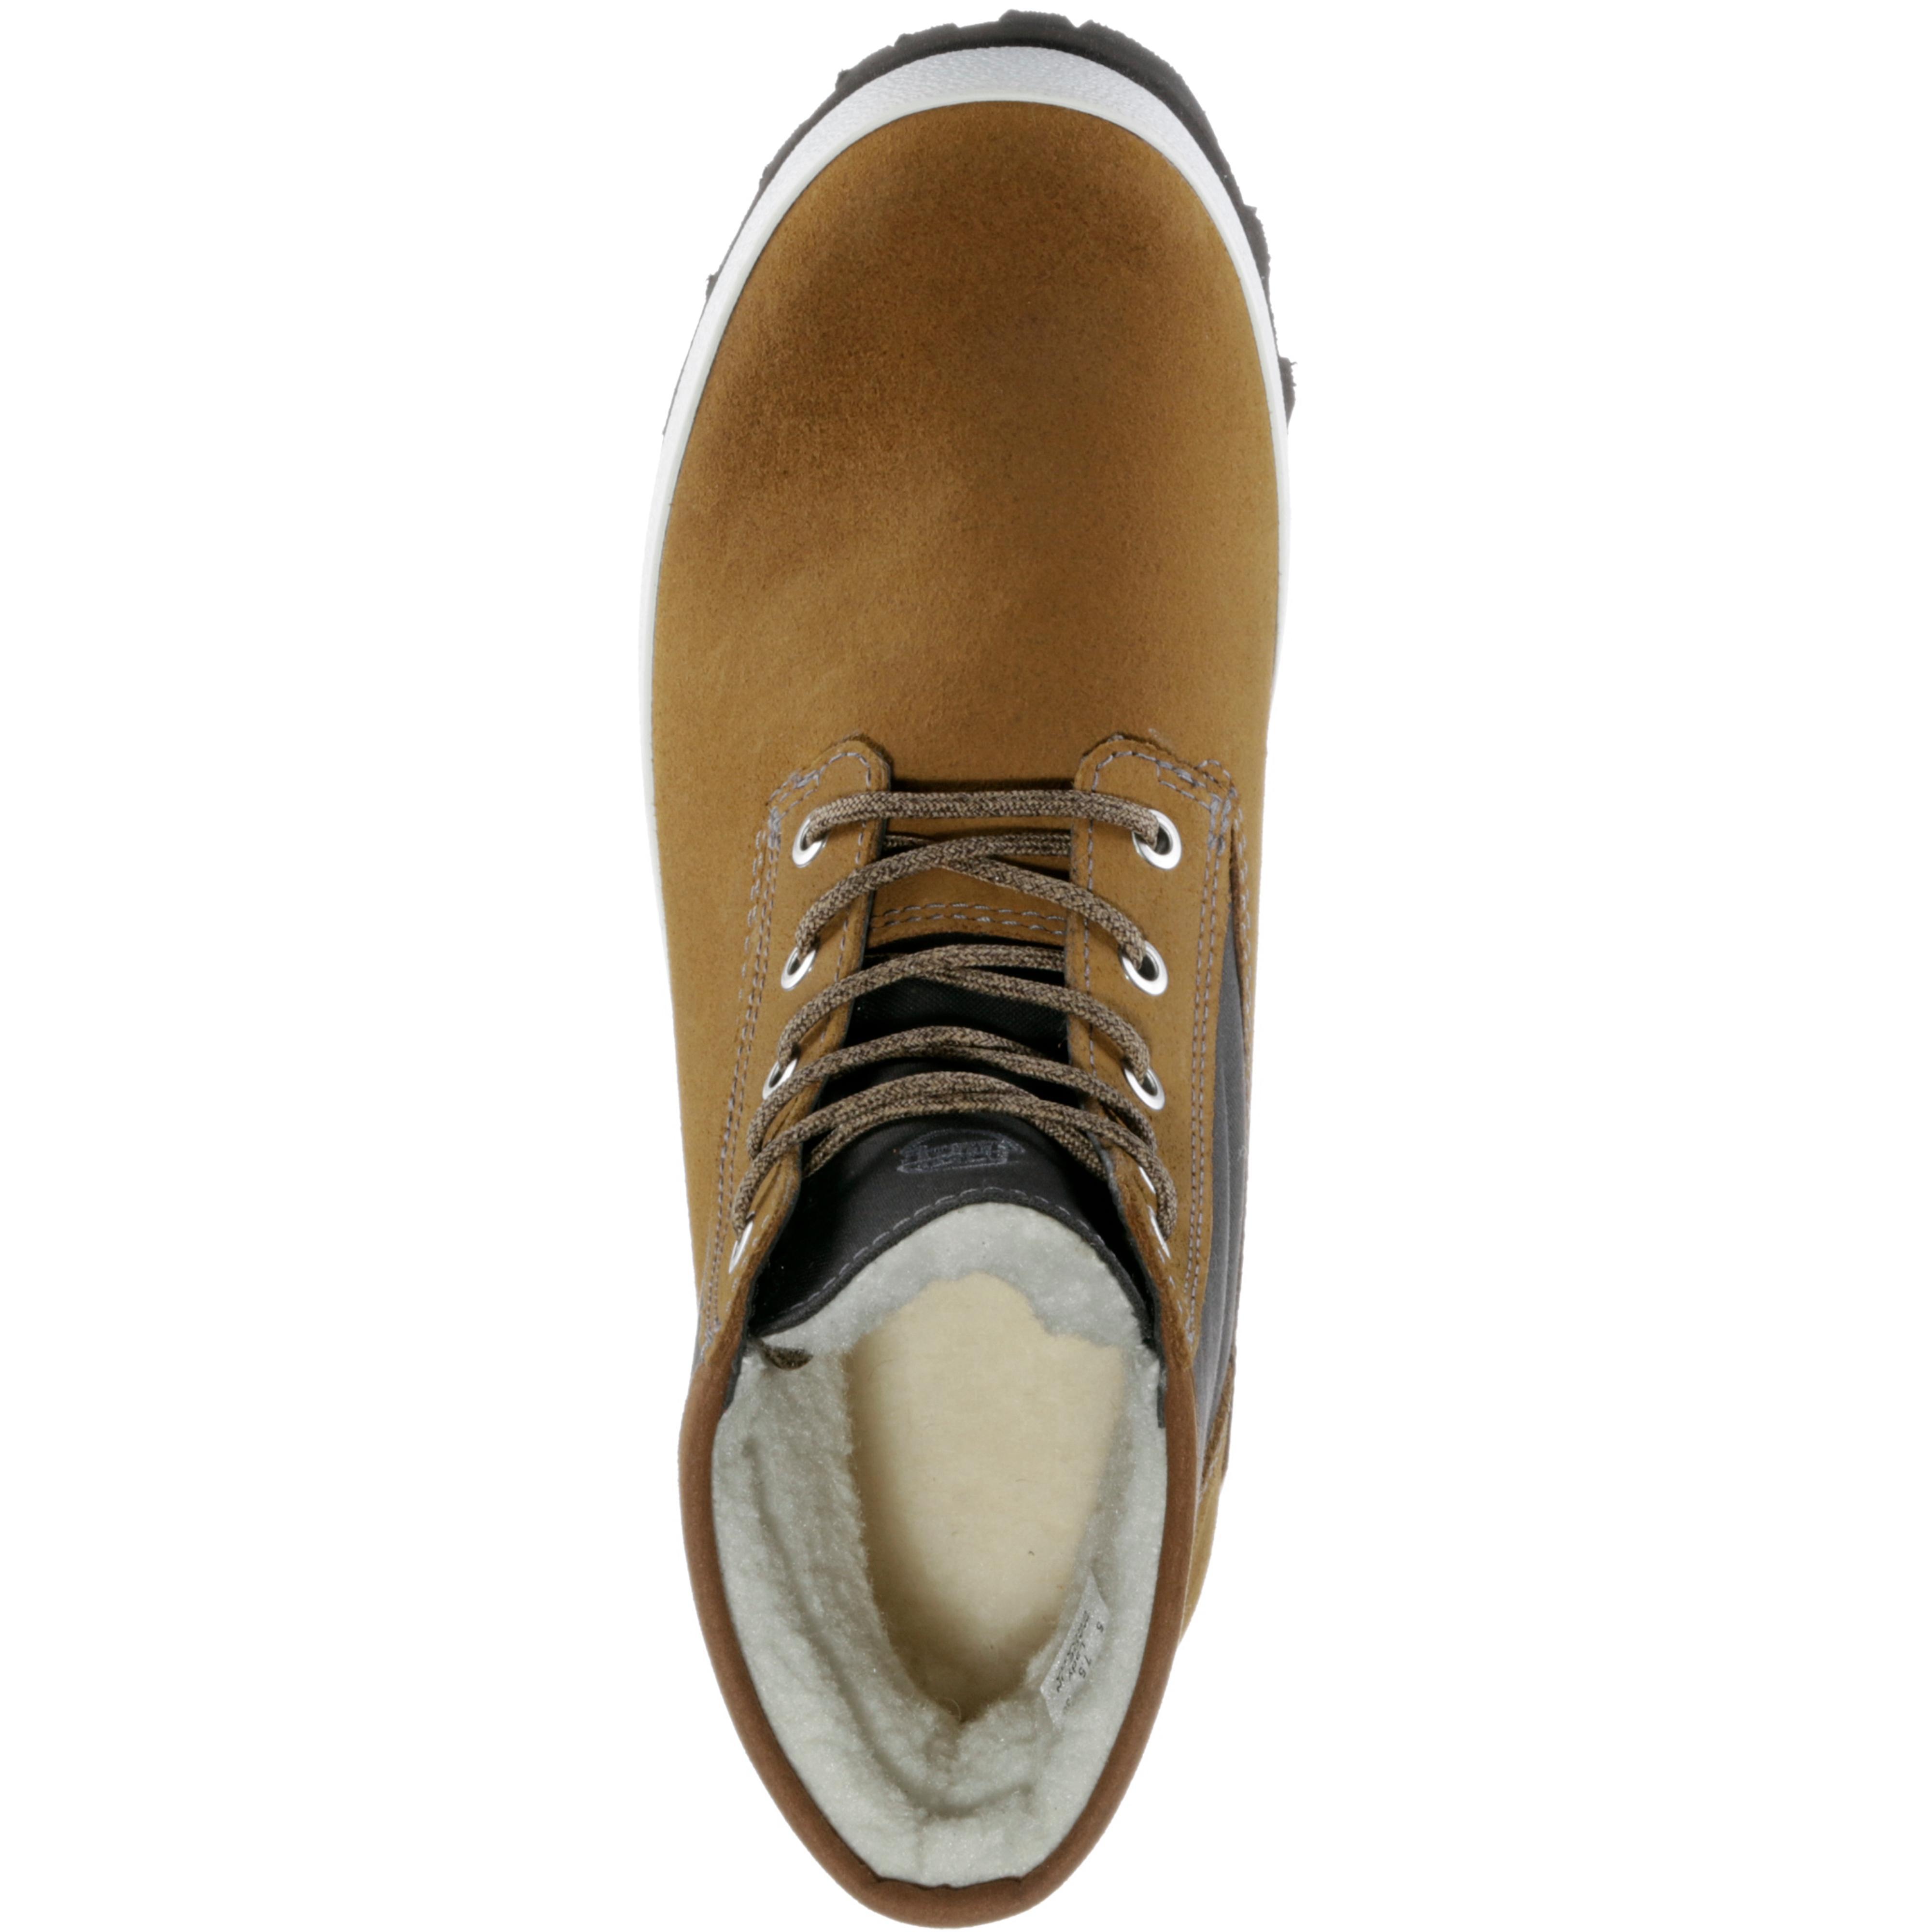 Hanwag SIRKKA Mid Lady Winterschuhe Damen nuss im Online Shop Shop Shop von SportScheck kaufen Gute Qualität beliebte Schuhe b95910